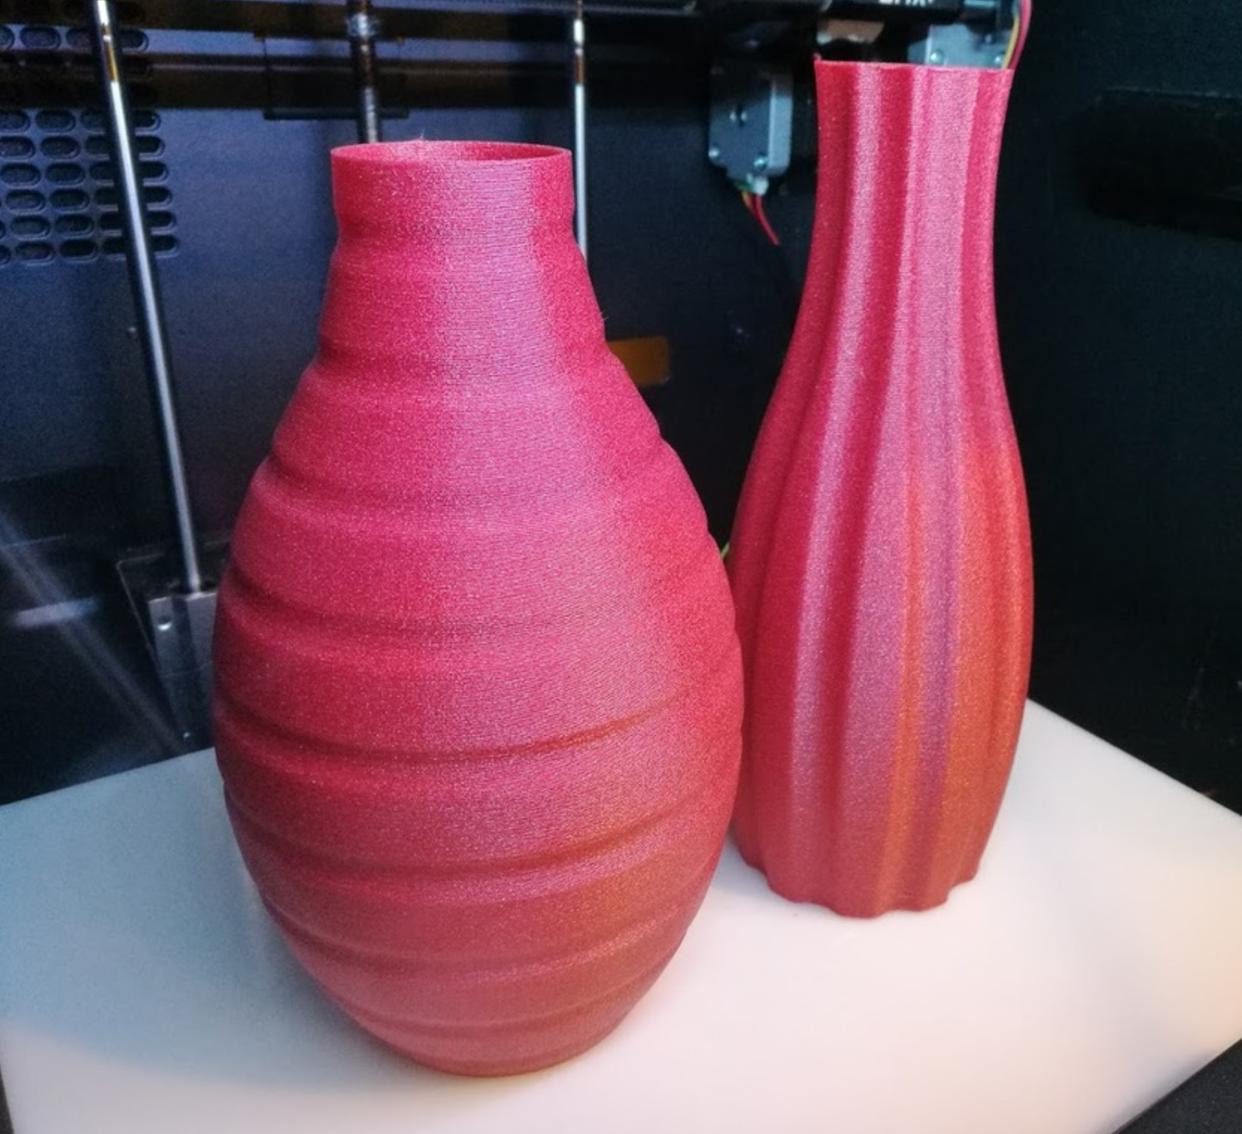 Capture d'écran 2017-09-18 à 11.20.23.png Download free STL file The odd couple vases • 3D print template, DanielNoree